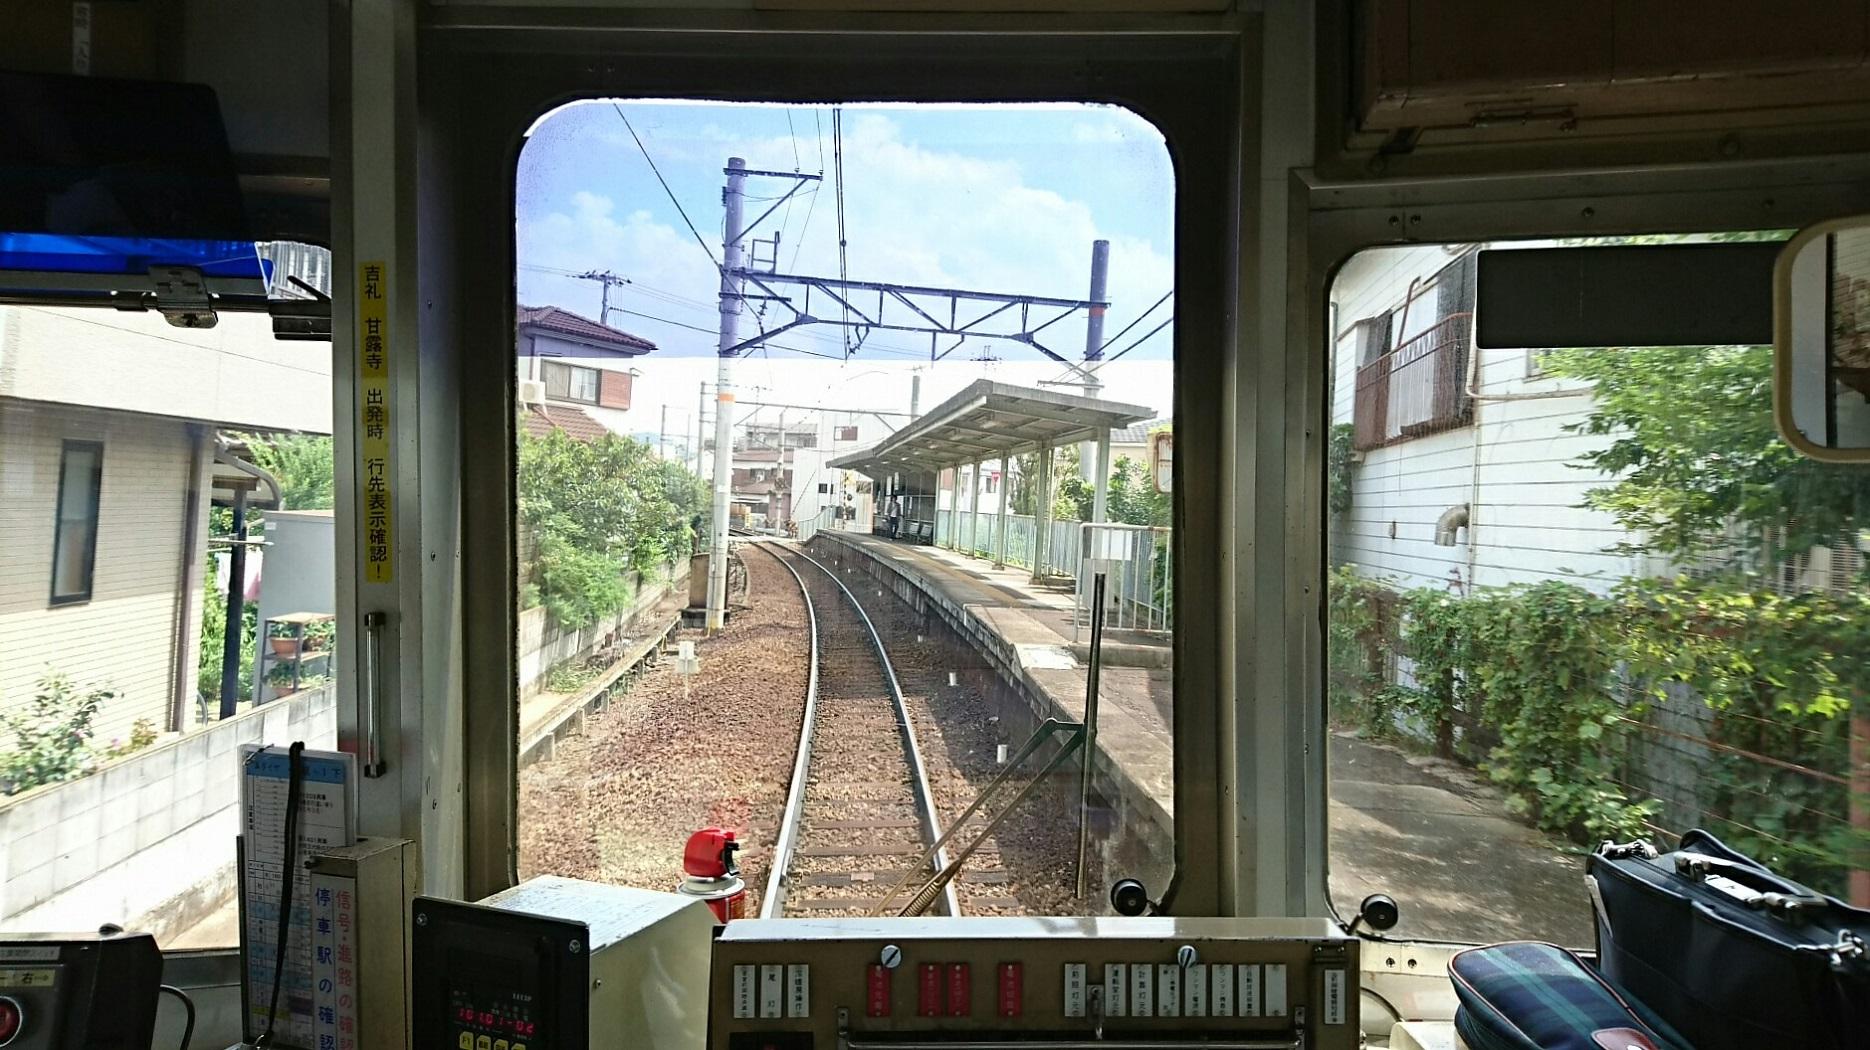 2017.8.17 たま電車 (12) 貴志いきふつう - 田中口 1870-1050